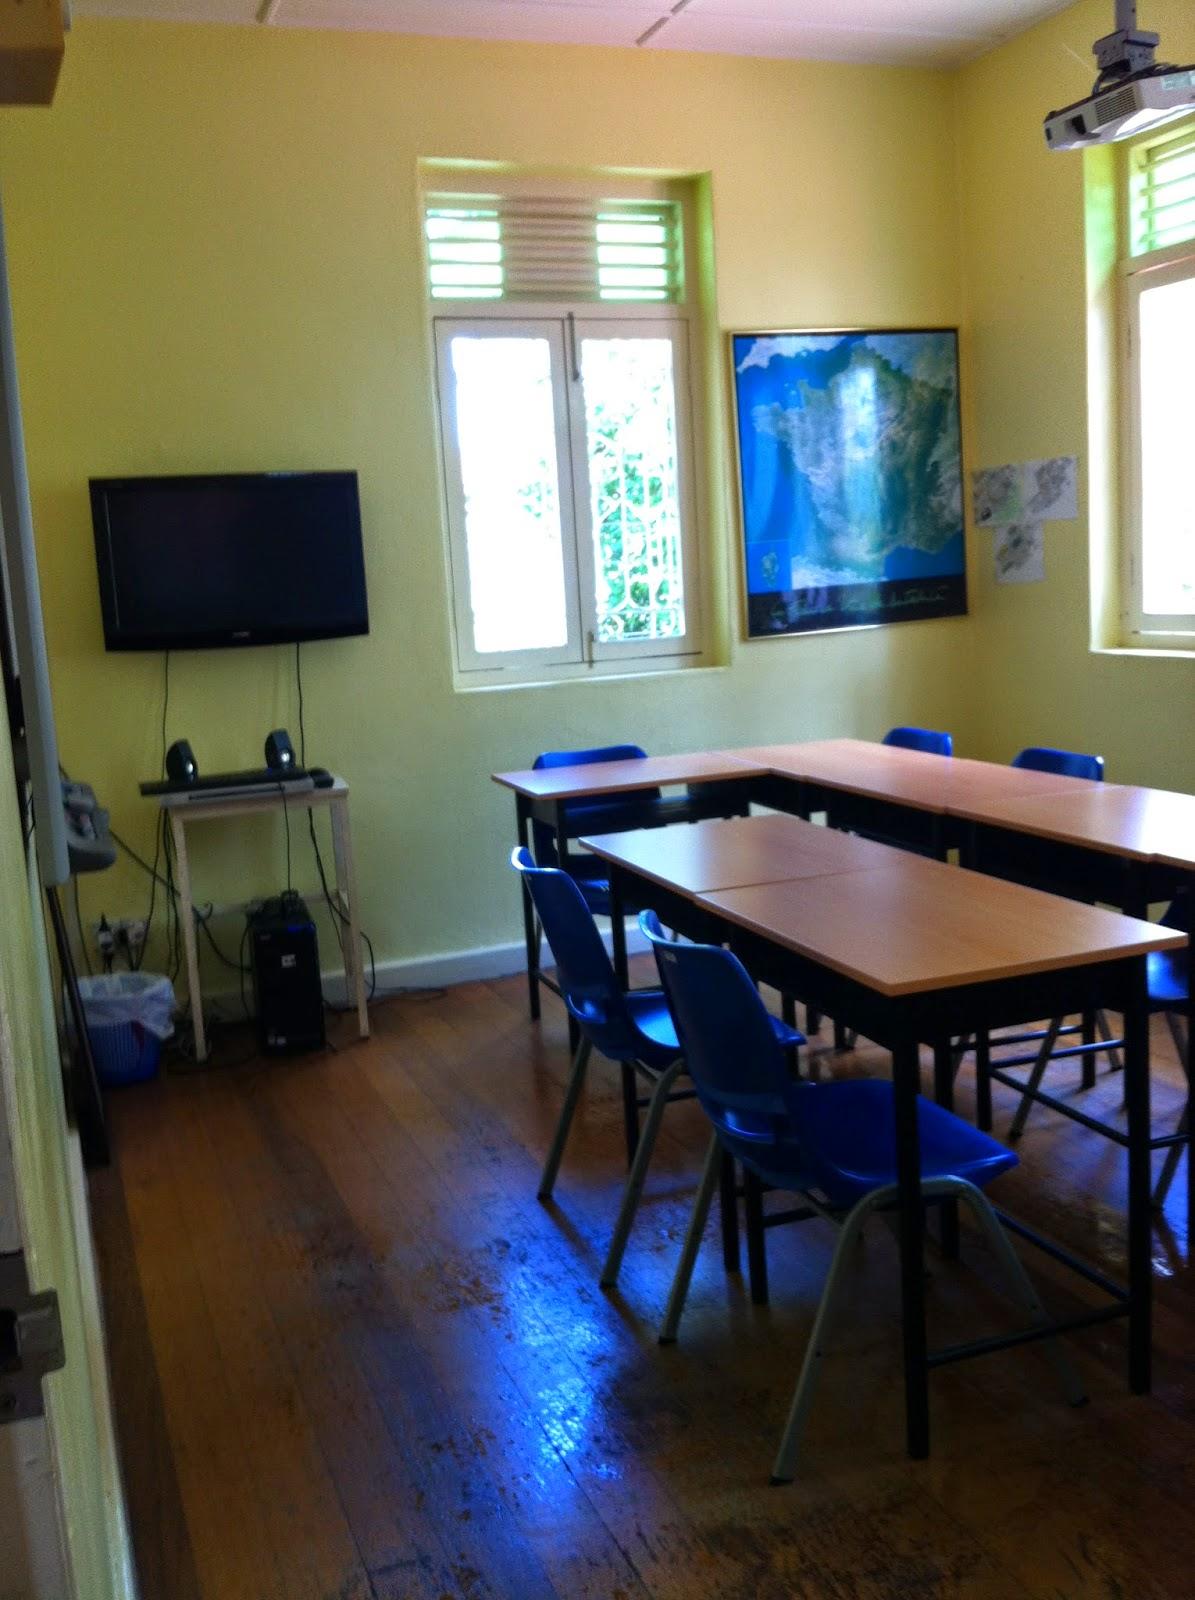 Alliance Française de Penang's classroom